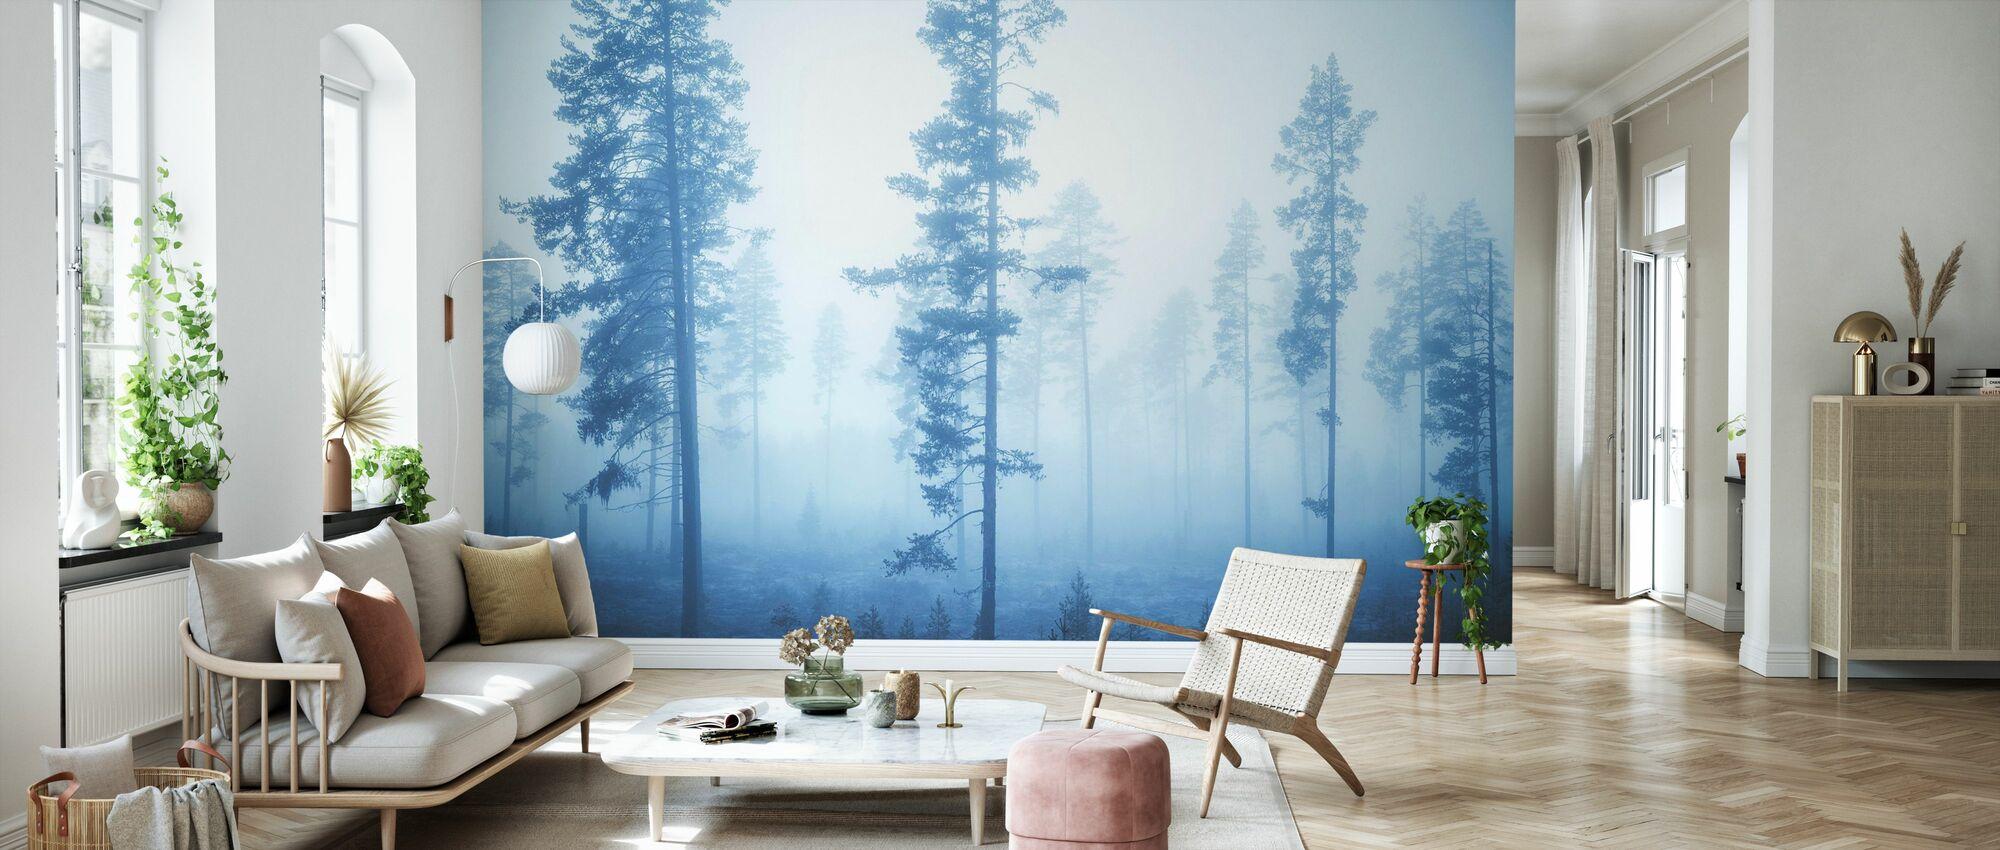 Blue Breeze - Wallpaper - Living Room